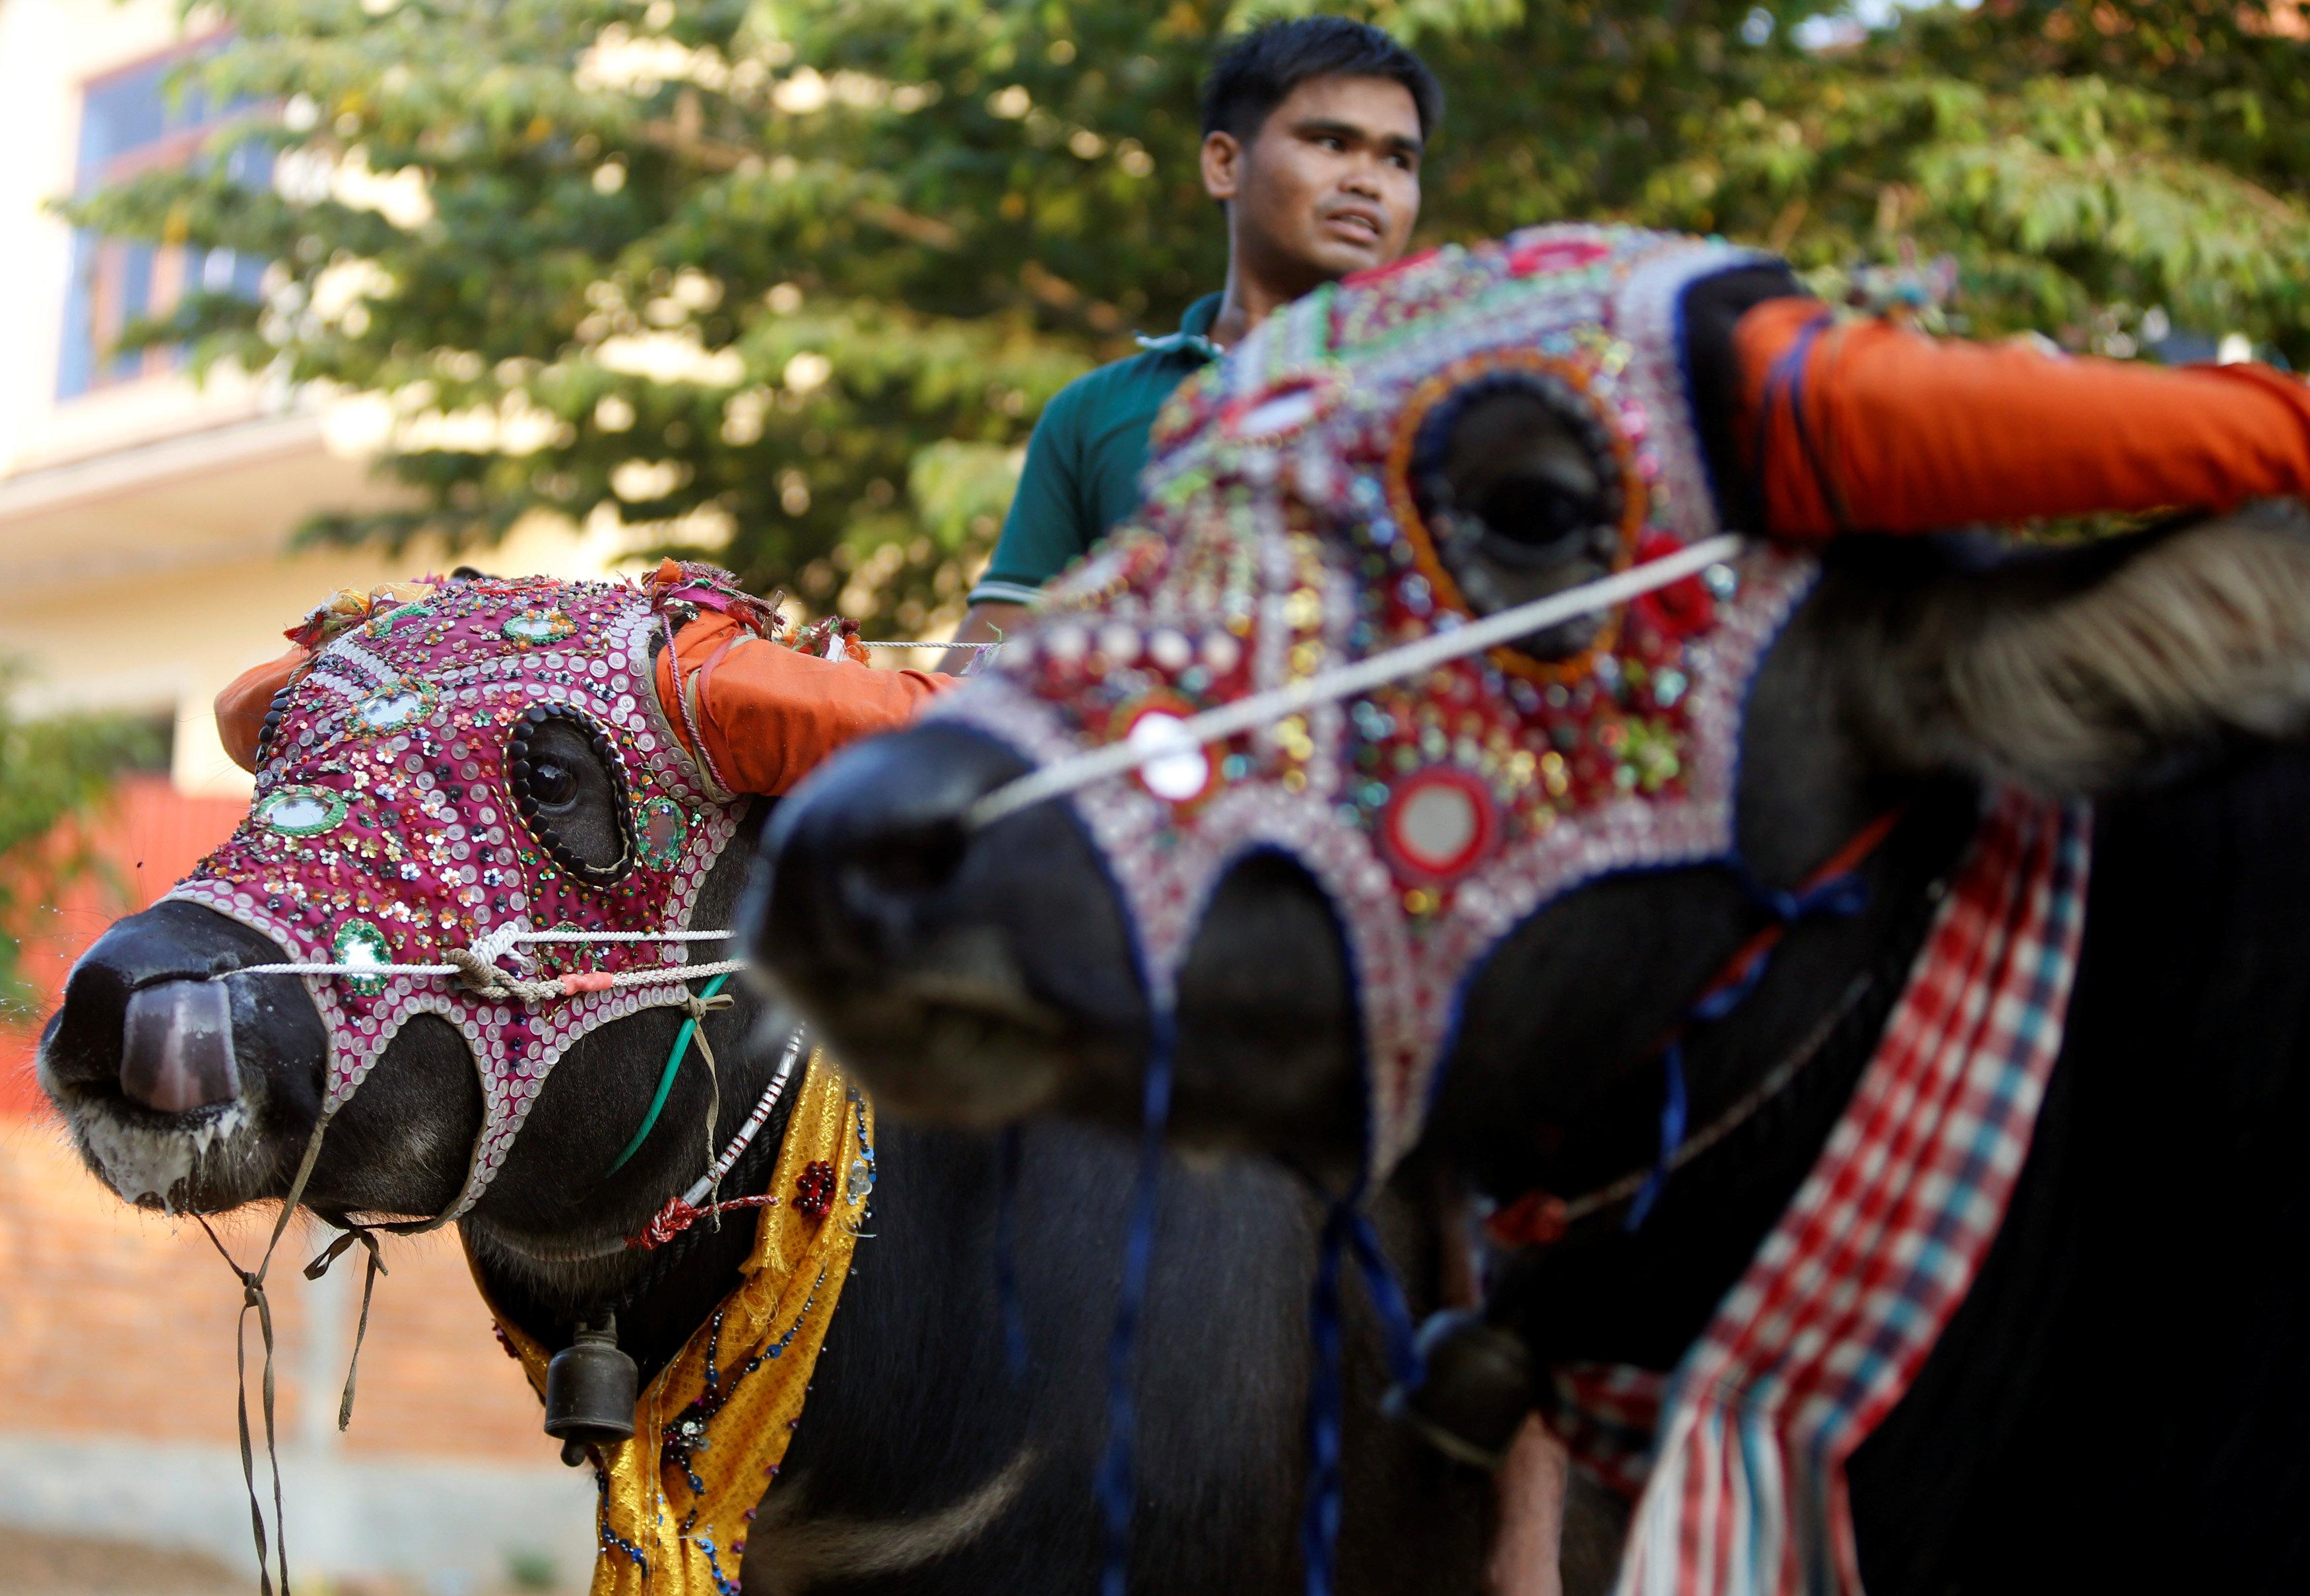 ركوب الحيوانات أحد مظاهر الاحتفال بمهرجان الموتى